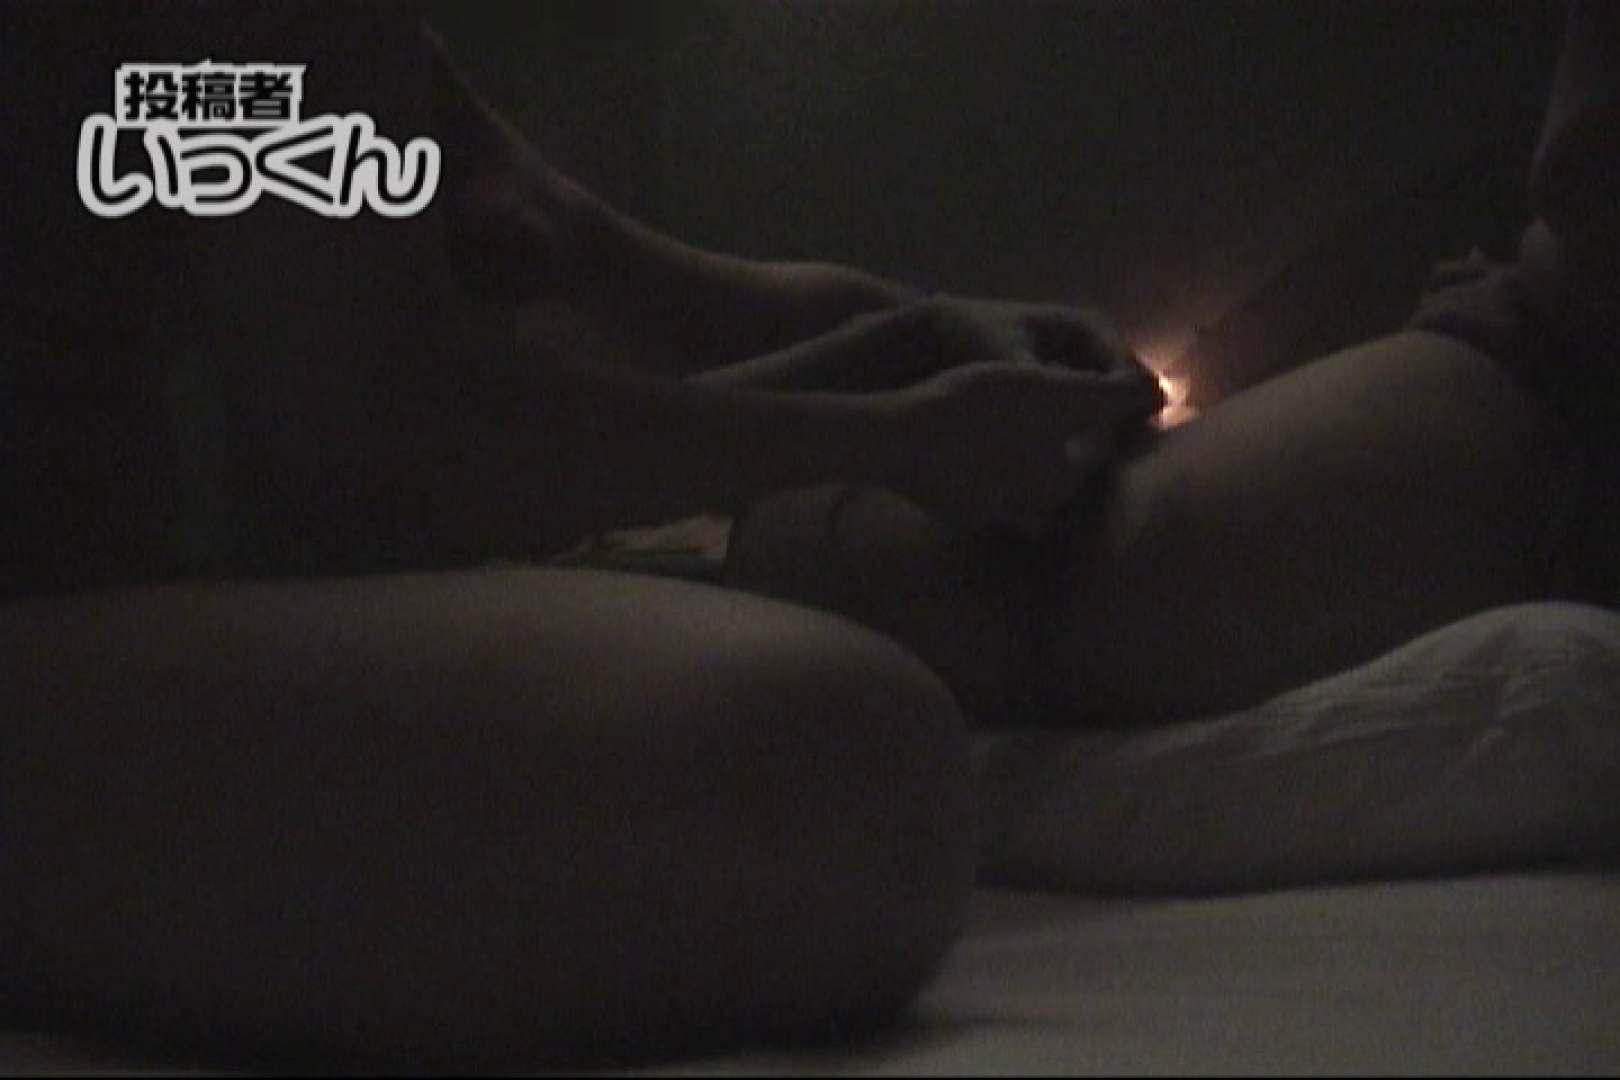 調教師いっくんの 北海道の自衛隊員の彼女24歳えみ 盗撮エロすぎ   0  62連発 9